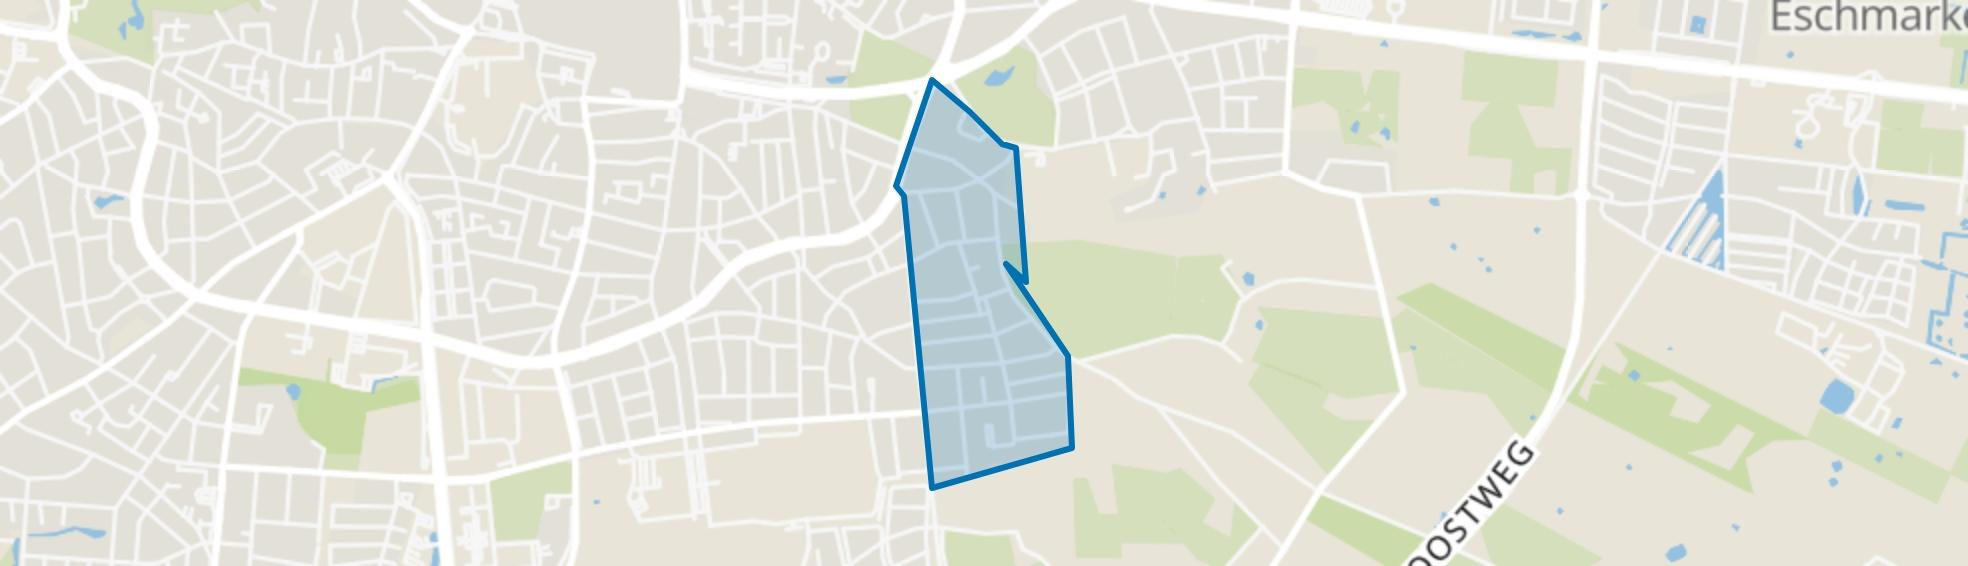 Hogeland-Zuid, Enschede map